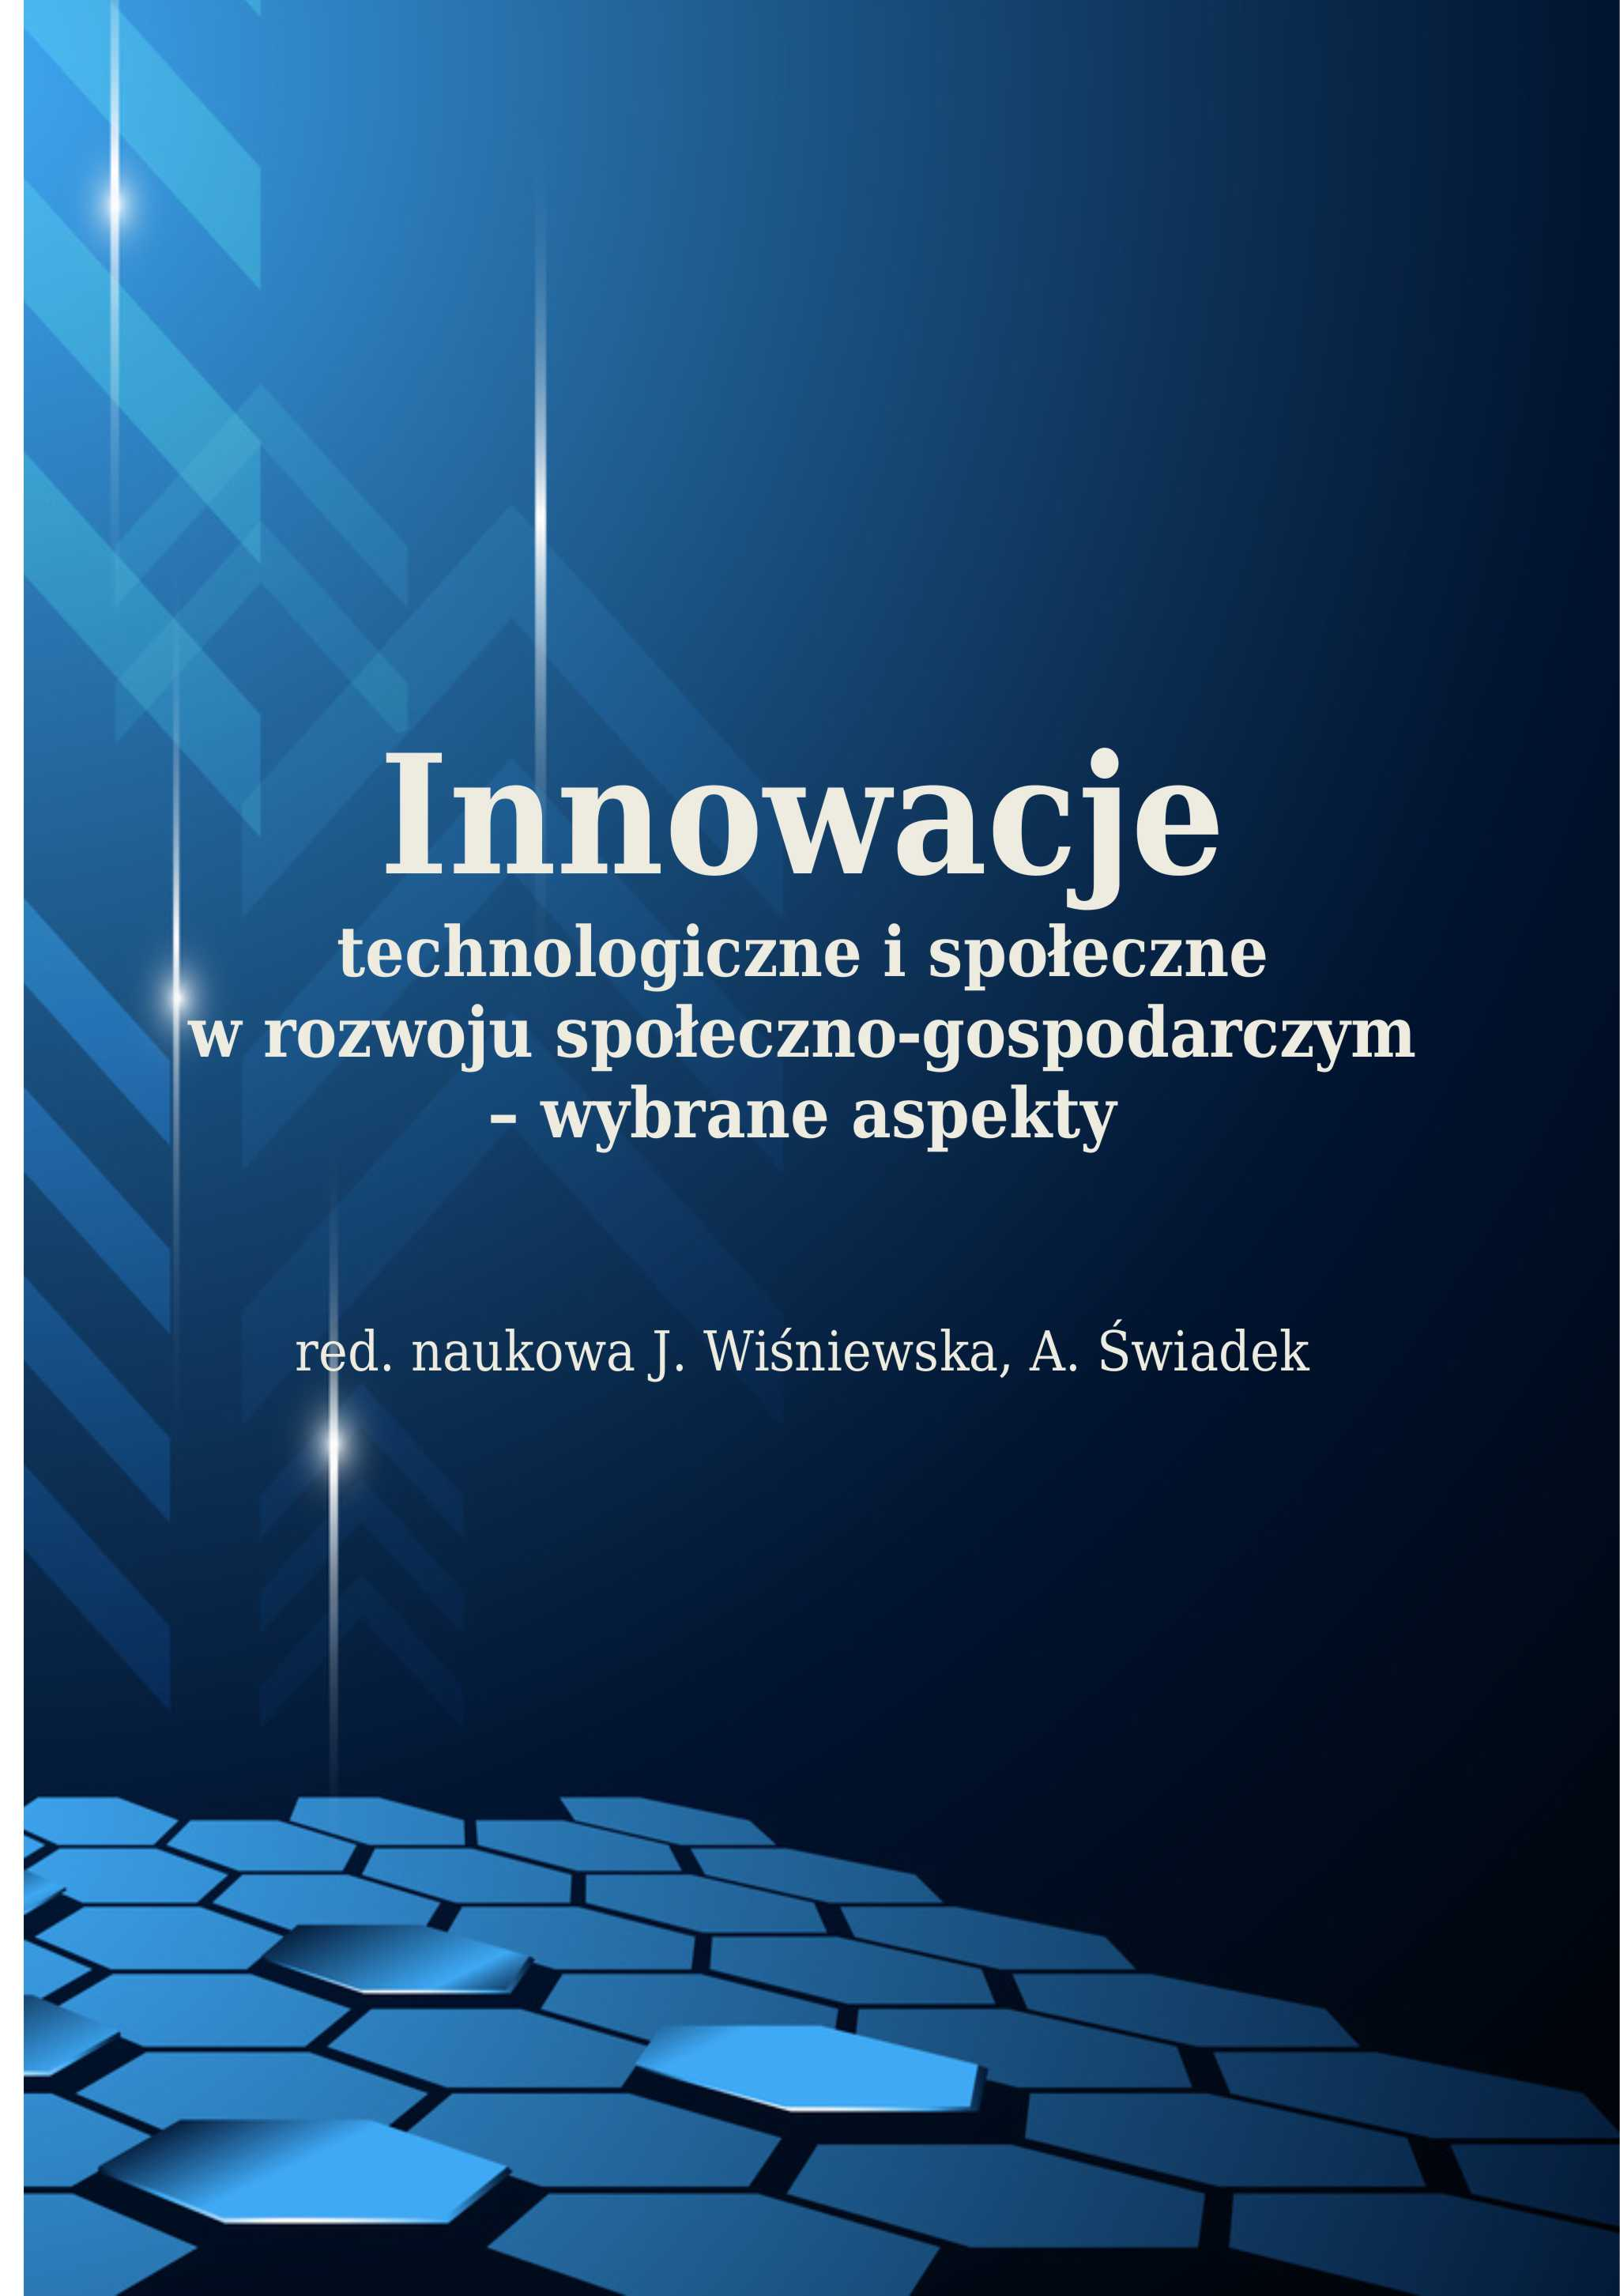 Innowacje technologiczne i spoleczne w rozwoju społeczno-gospodarczym  - wybrane aspekty